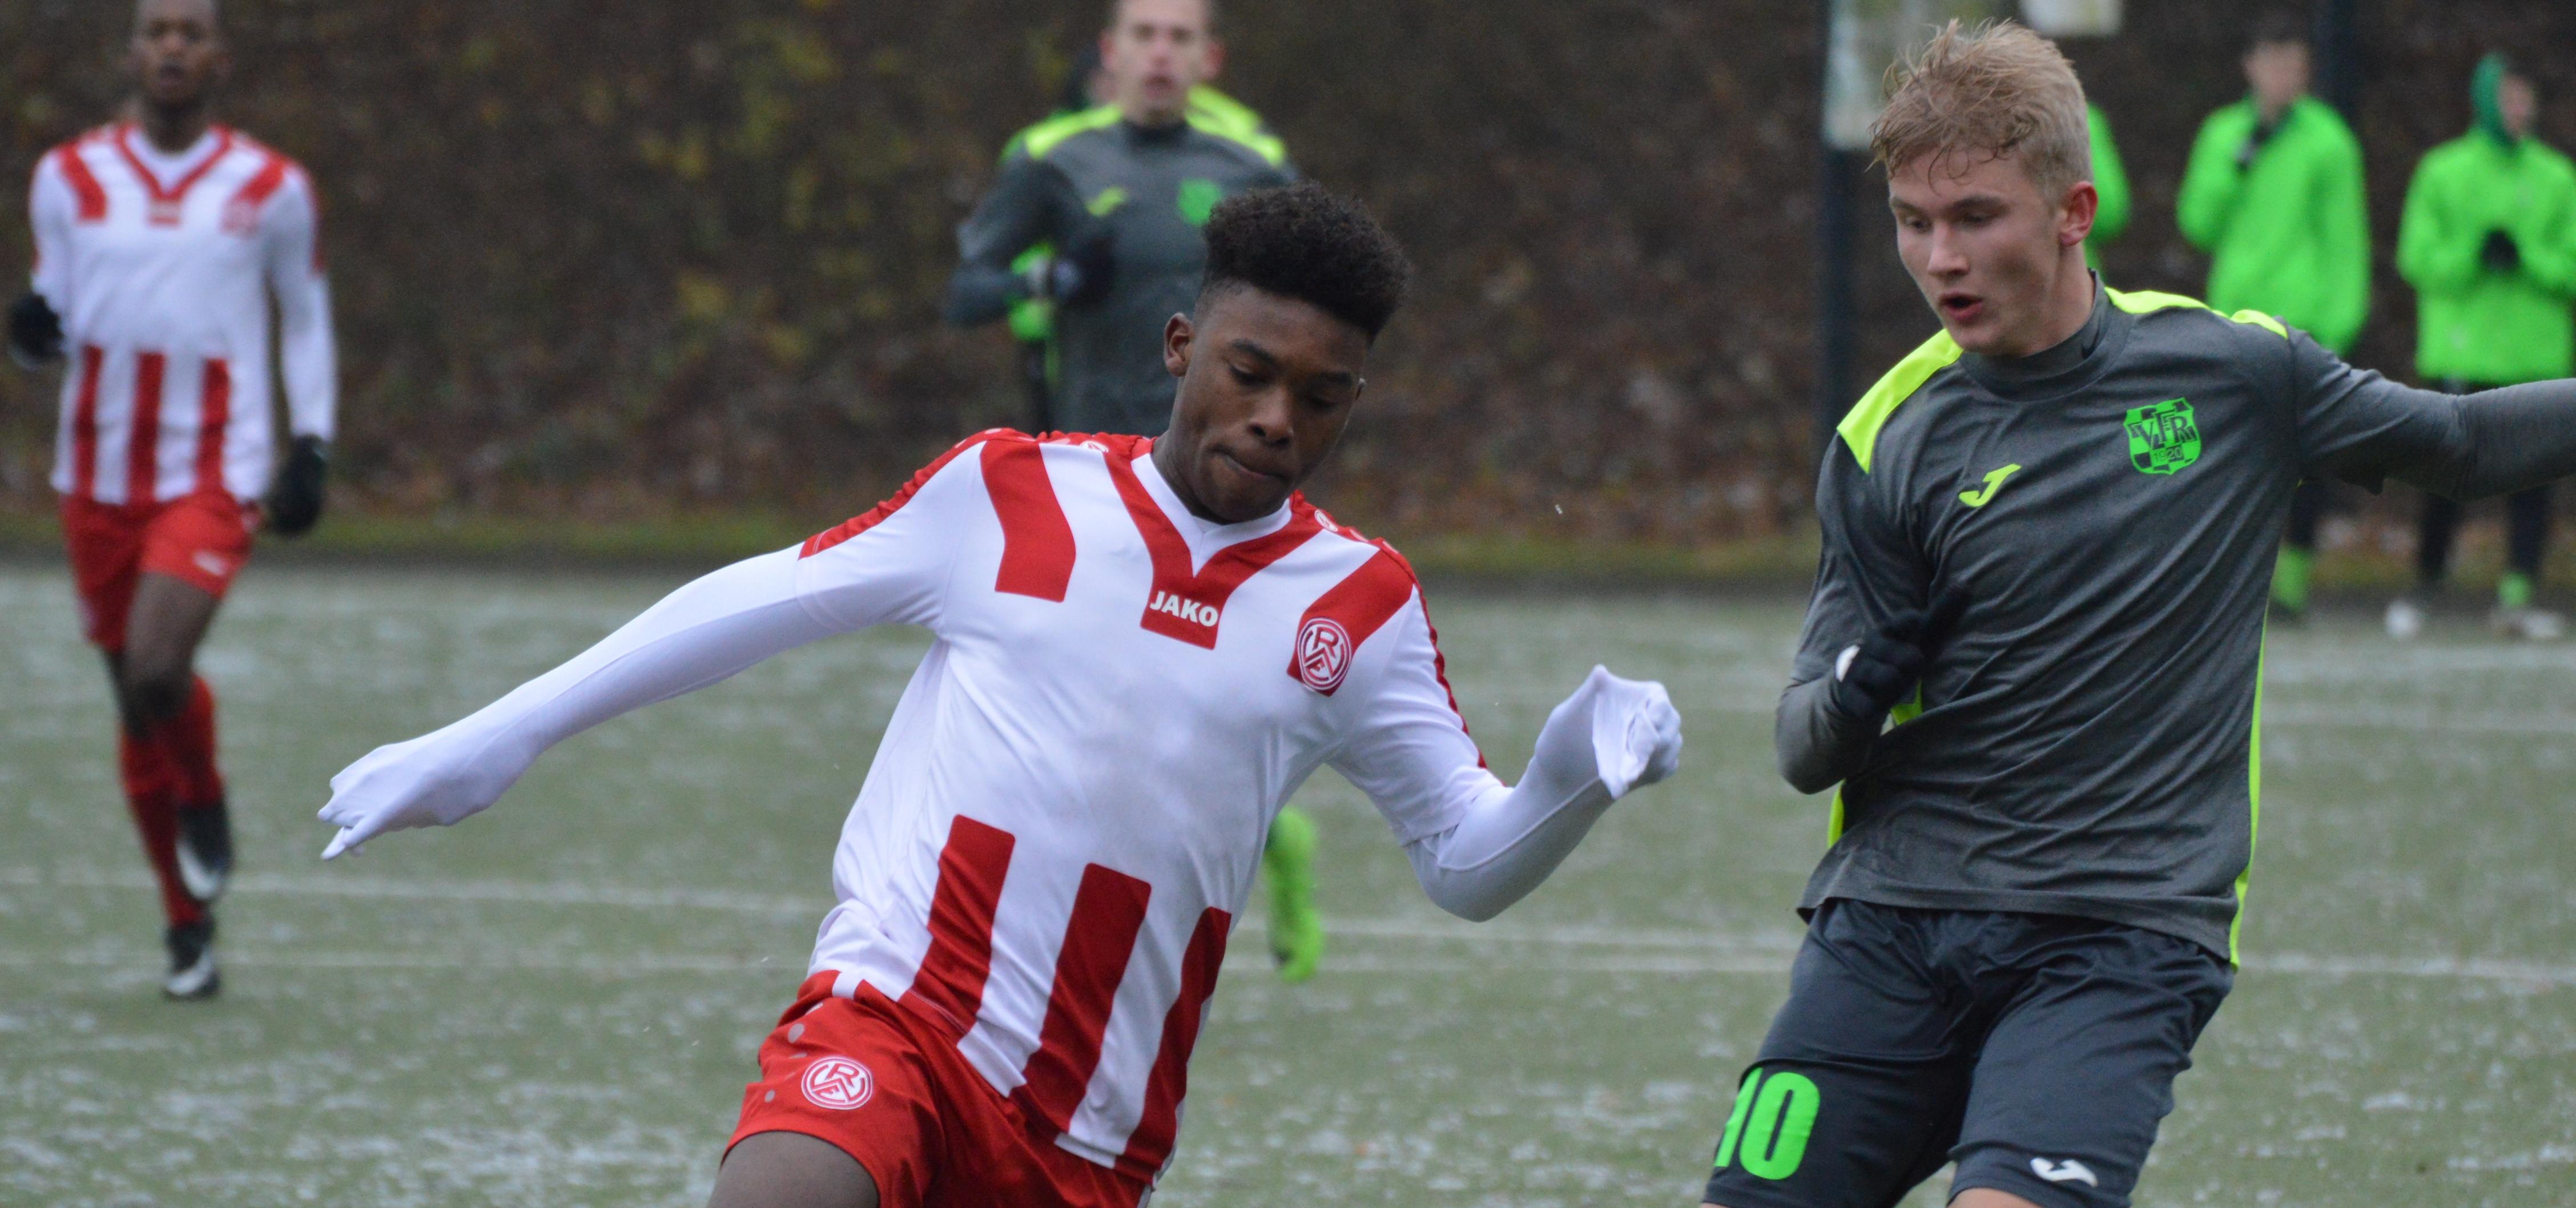 Für die rot-weisse U19 steht am Wochenende das letzte Spiel der Hinrunde an. (Foto: Skuppin)